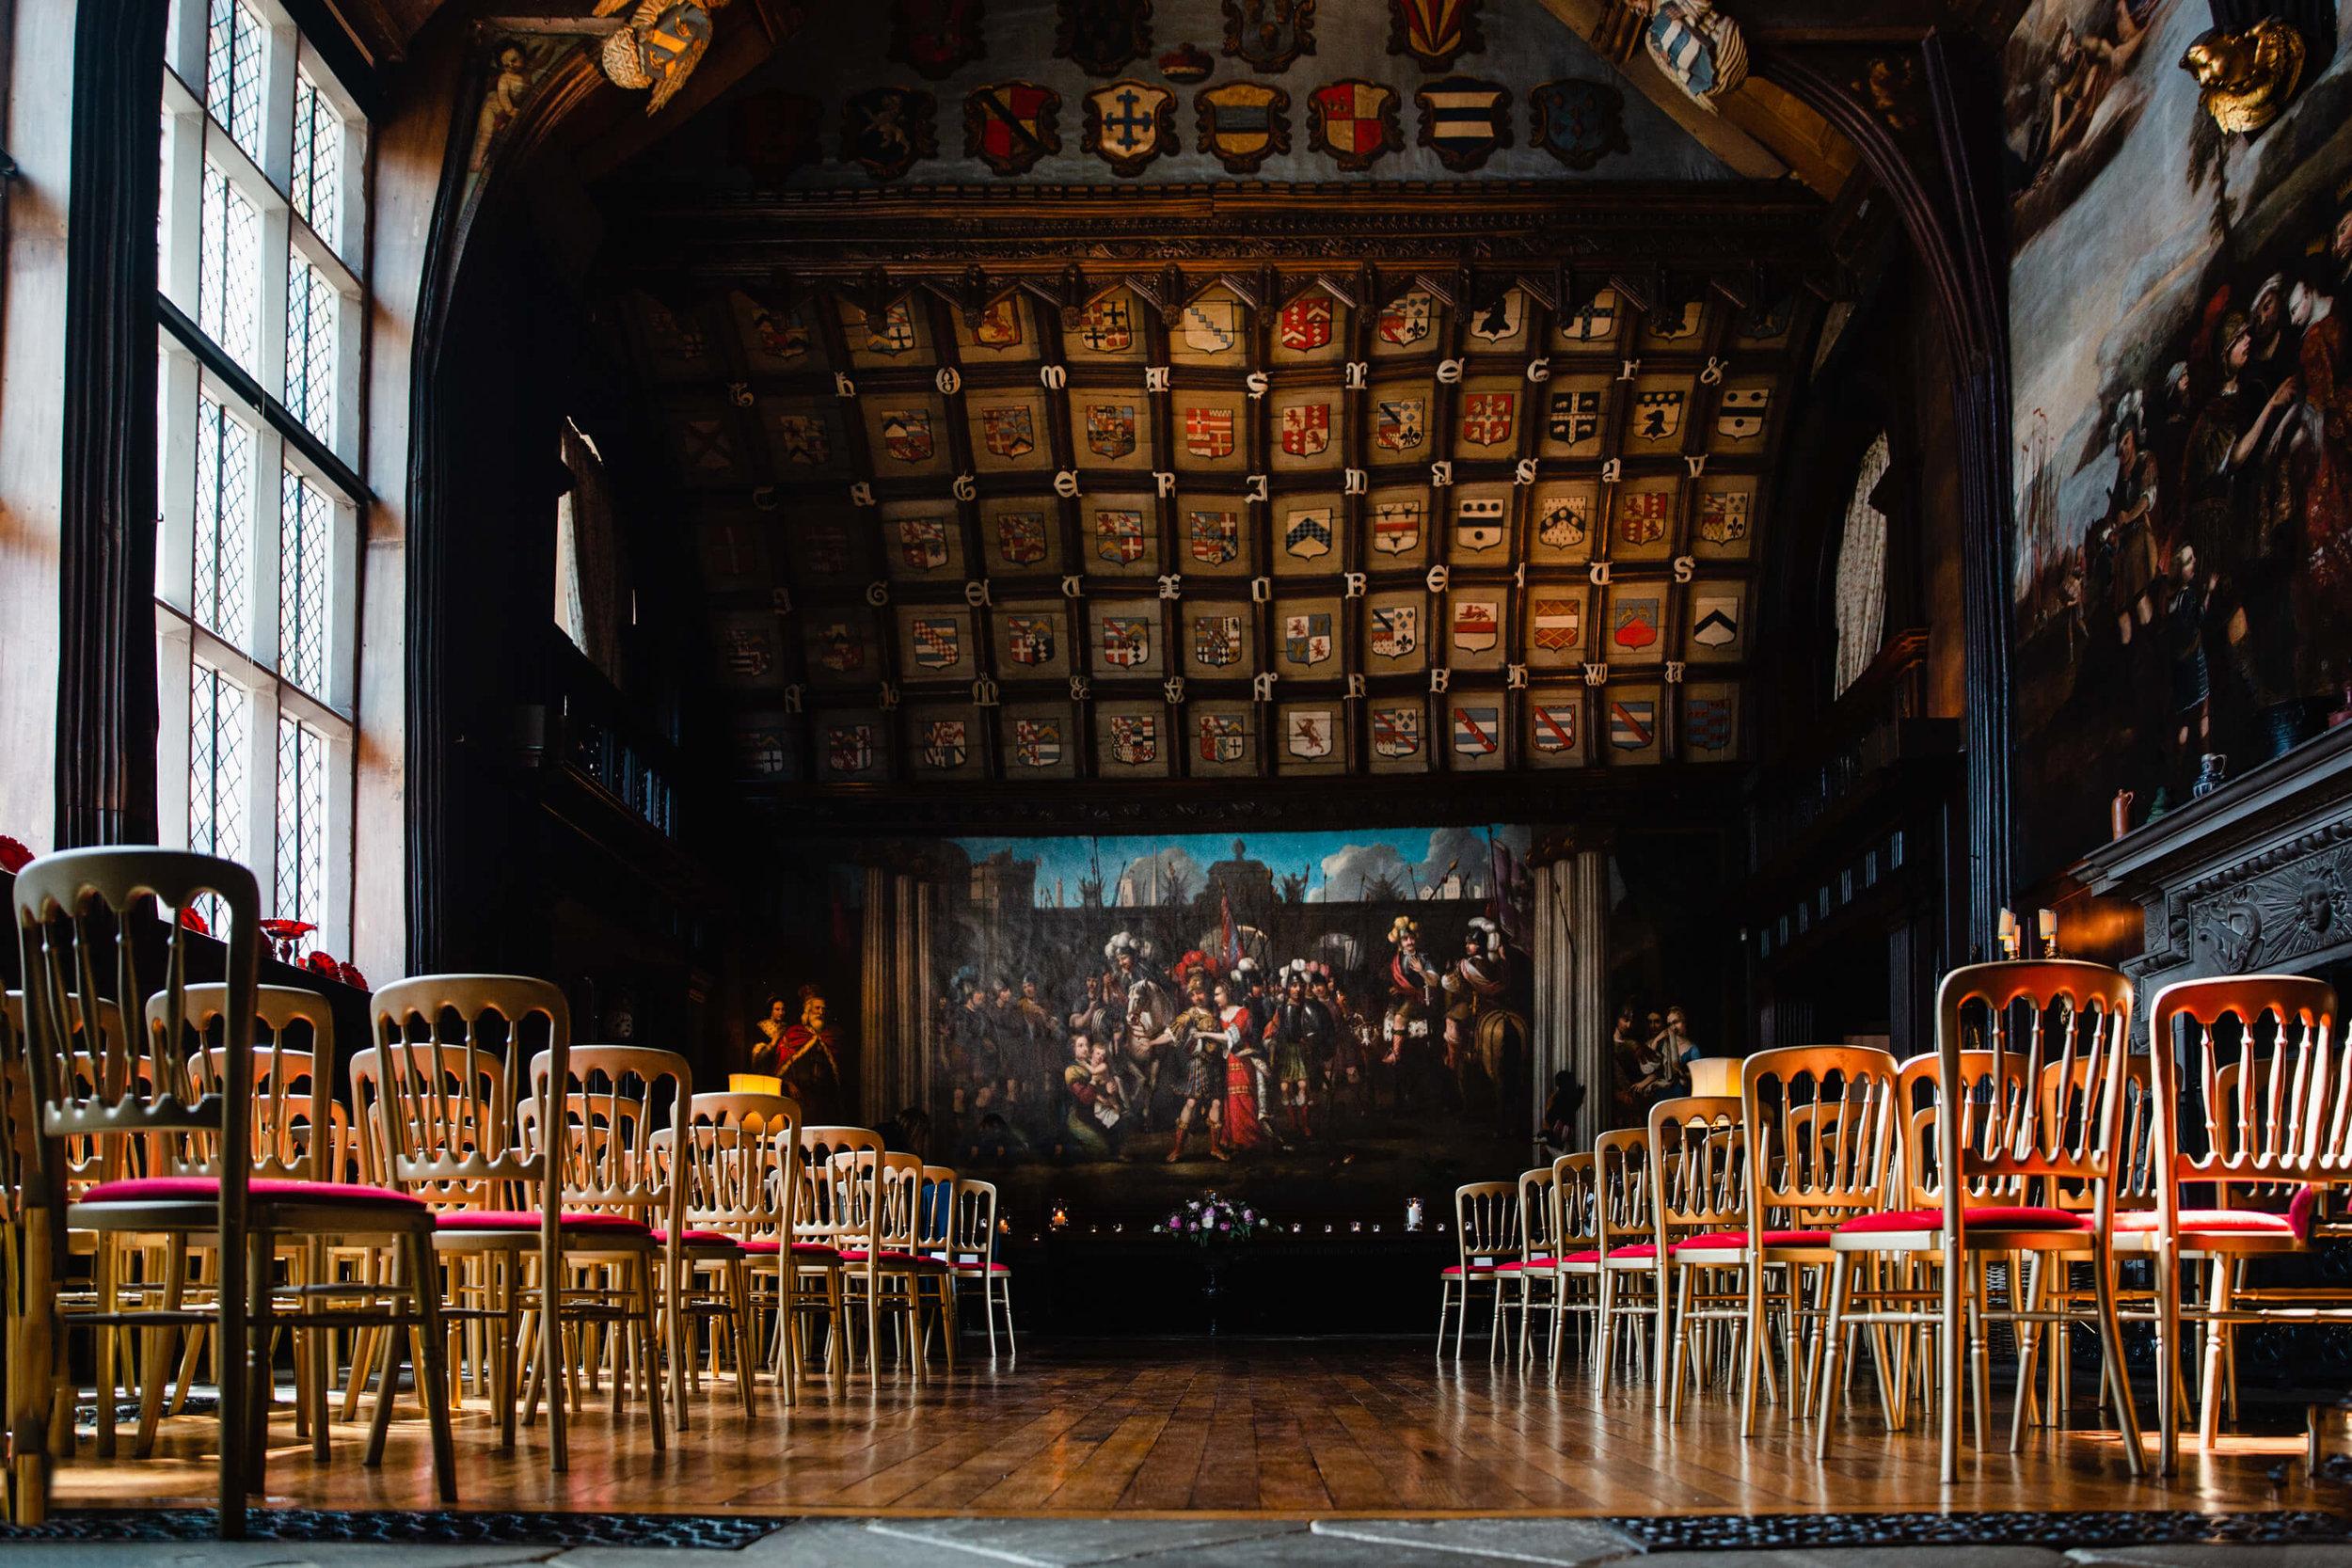 Adlington_Hall_Wedding_Venue_1.jpg